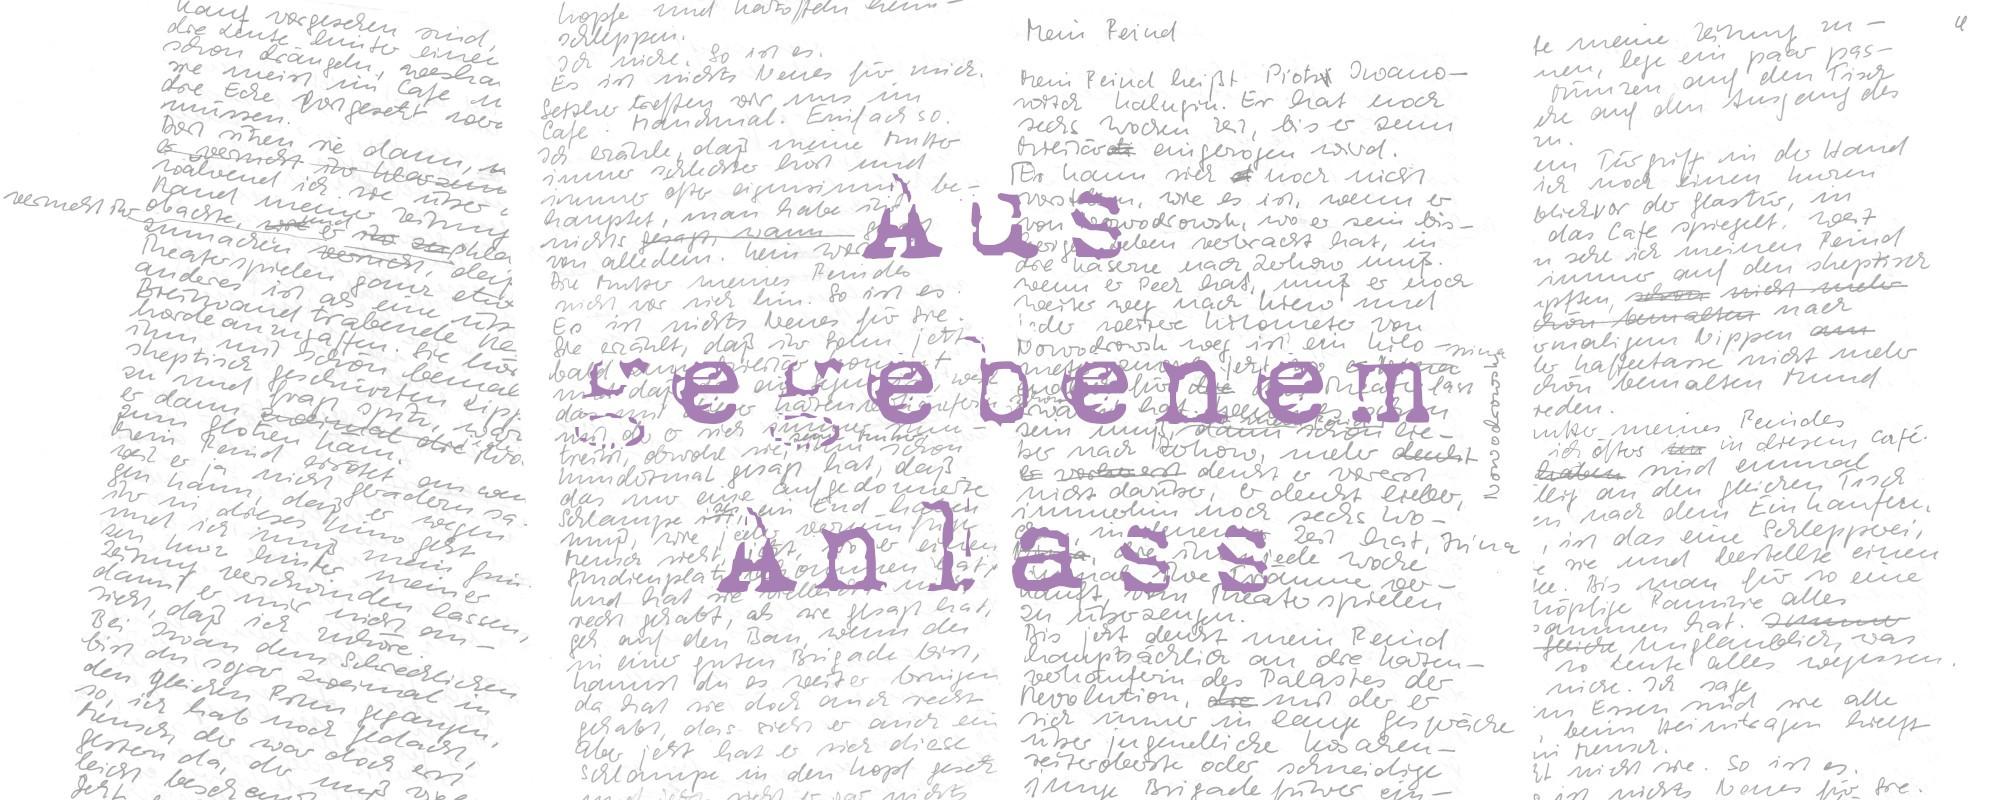 Anne-Birk-Aus-gegebenem-Anlass-Mein-Feind-Schriftbild